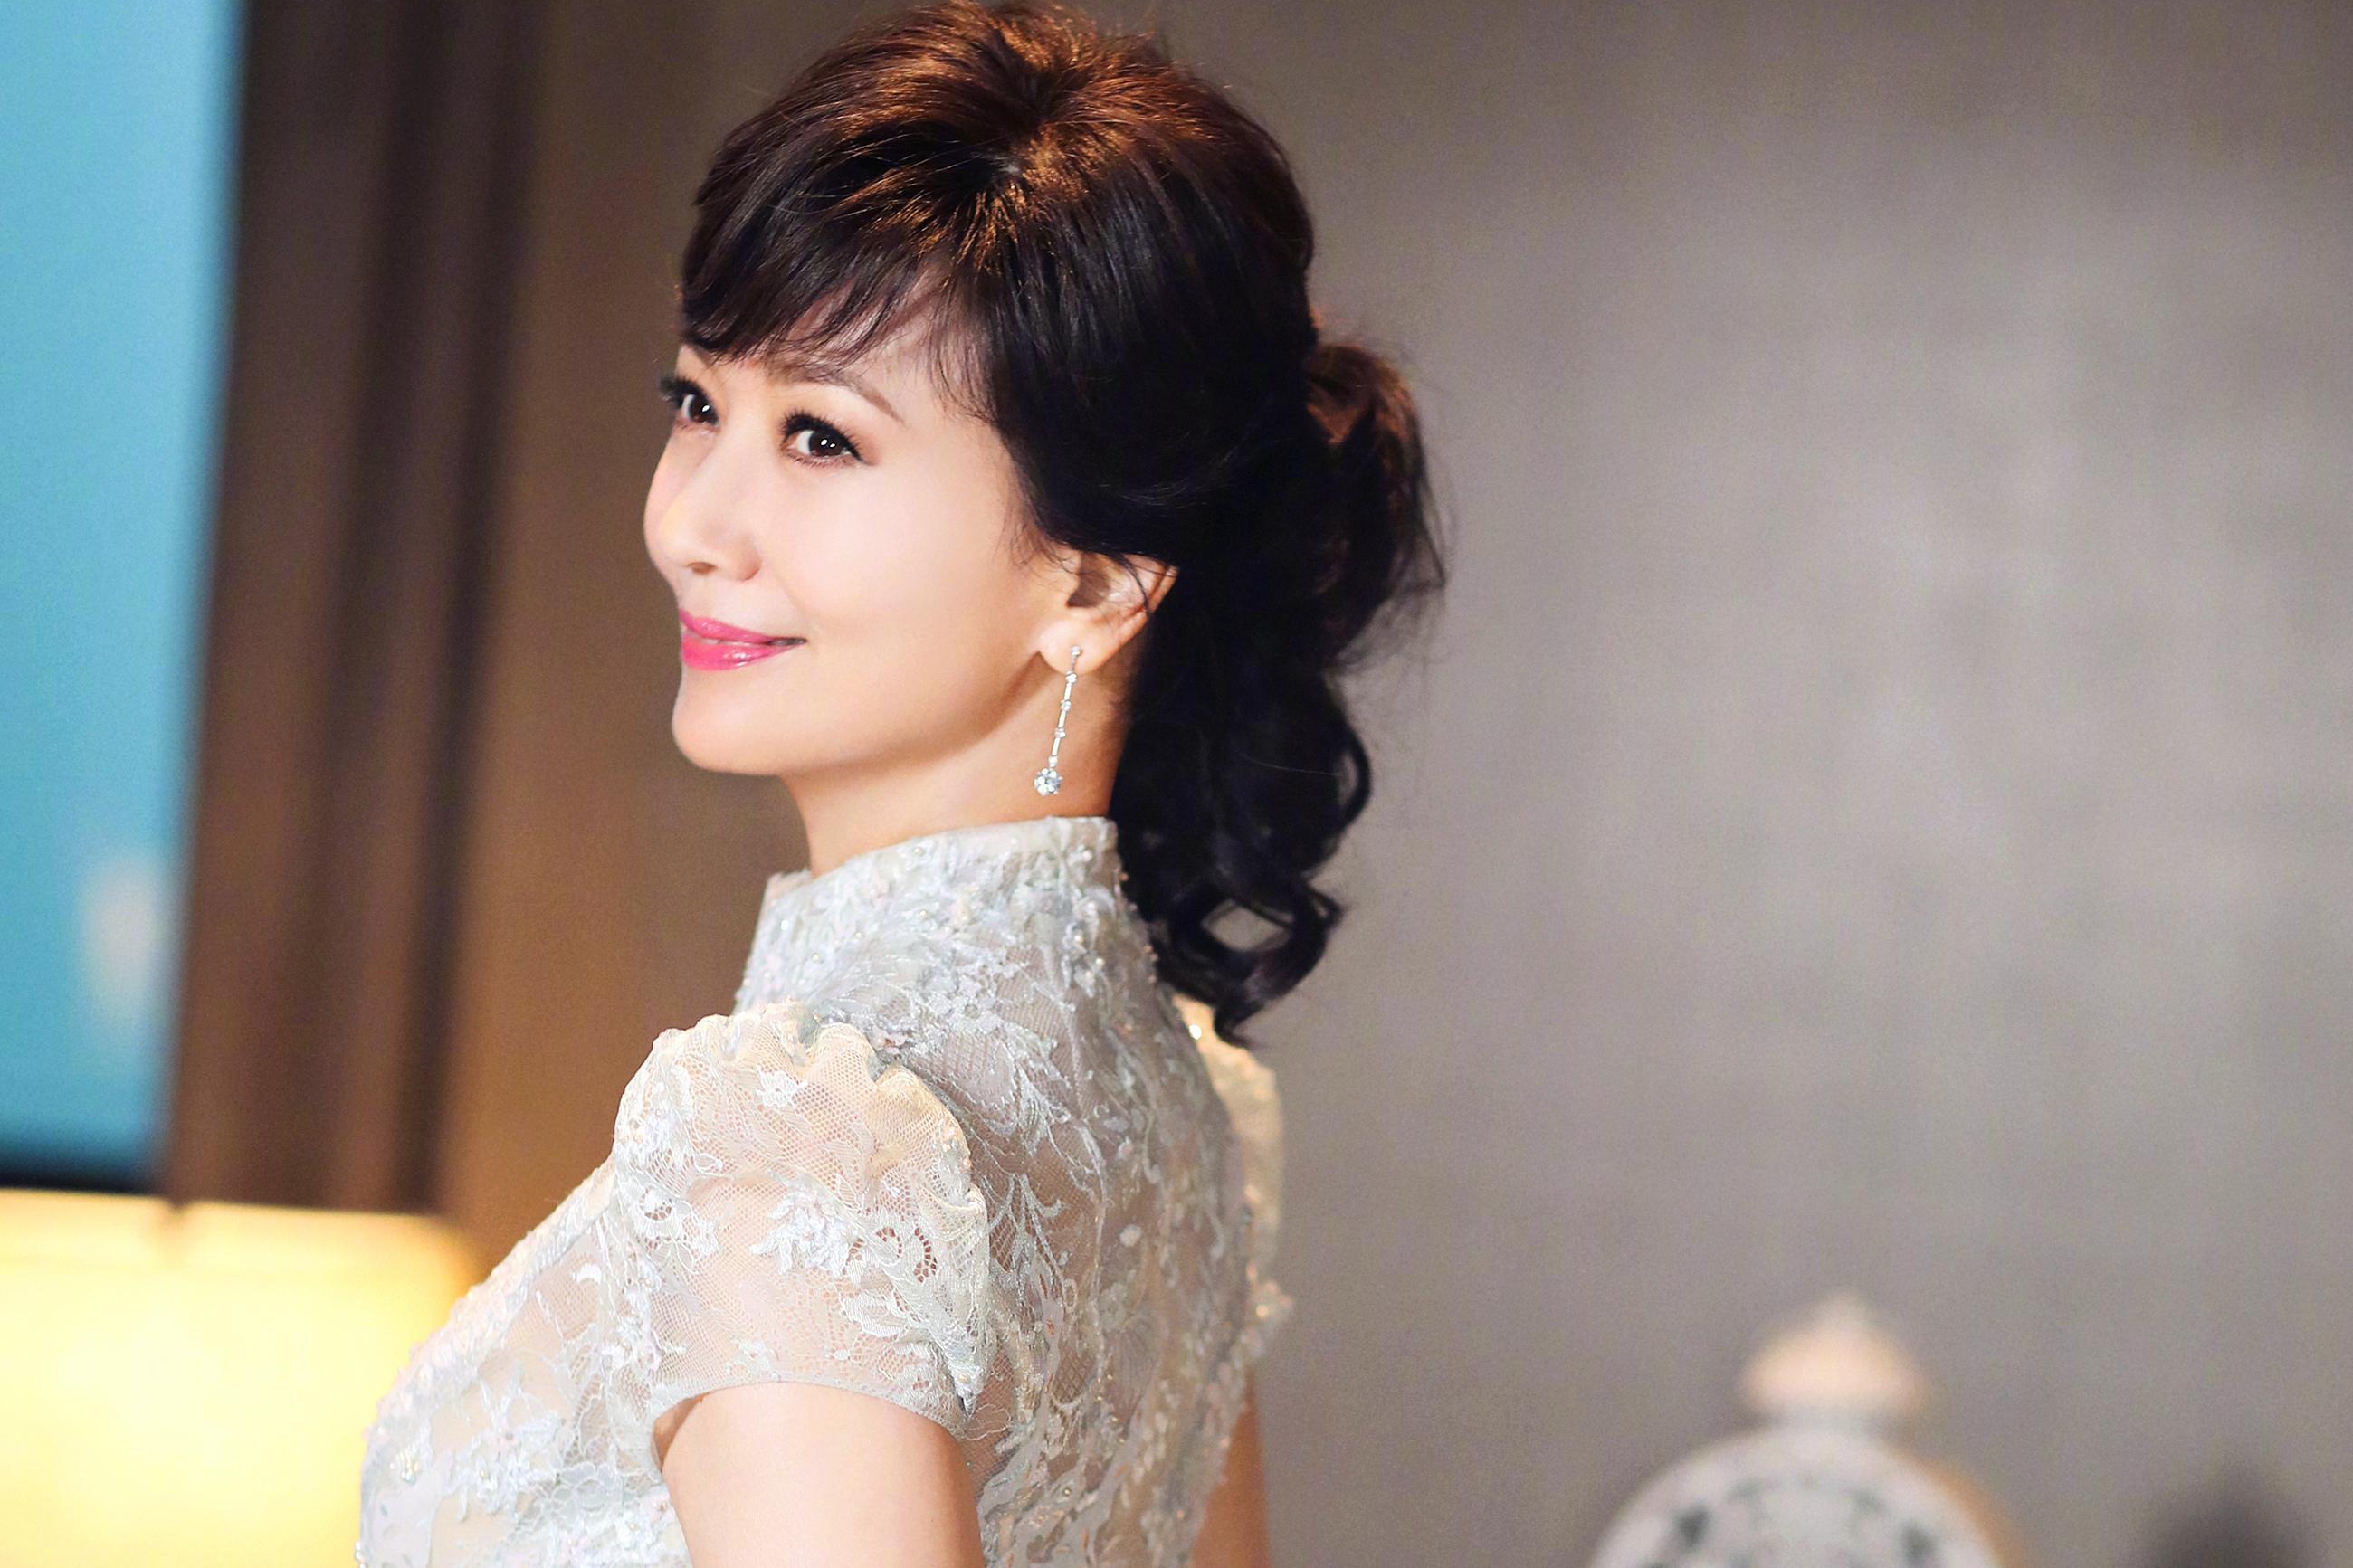 64岁赵雅芝新写真曝出,长发纱裙居然宛如20岁少女